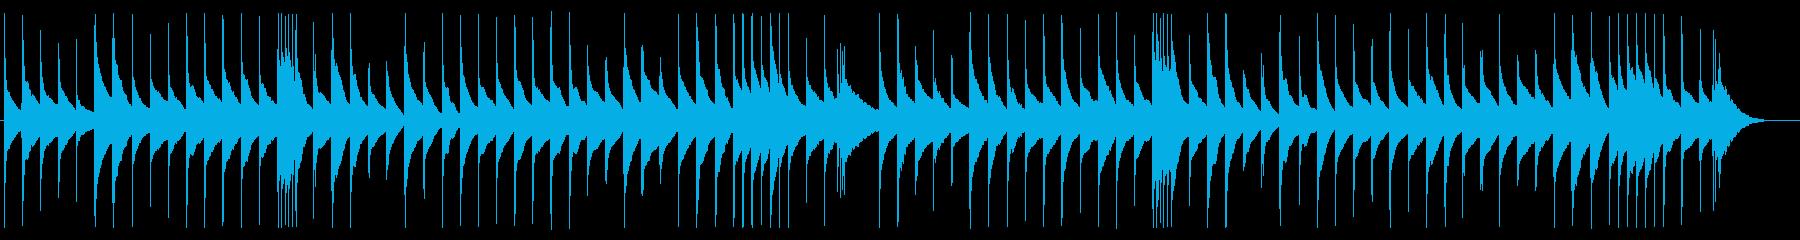 ショパン「ノクターン第2番」オルゴールの再生済みの波形